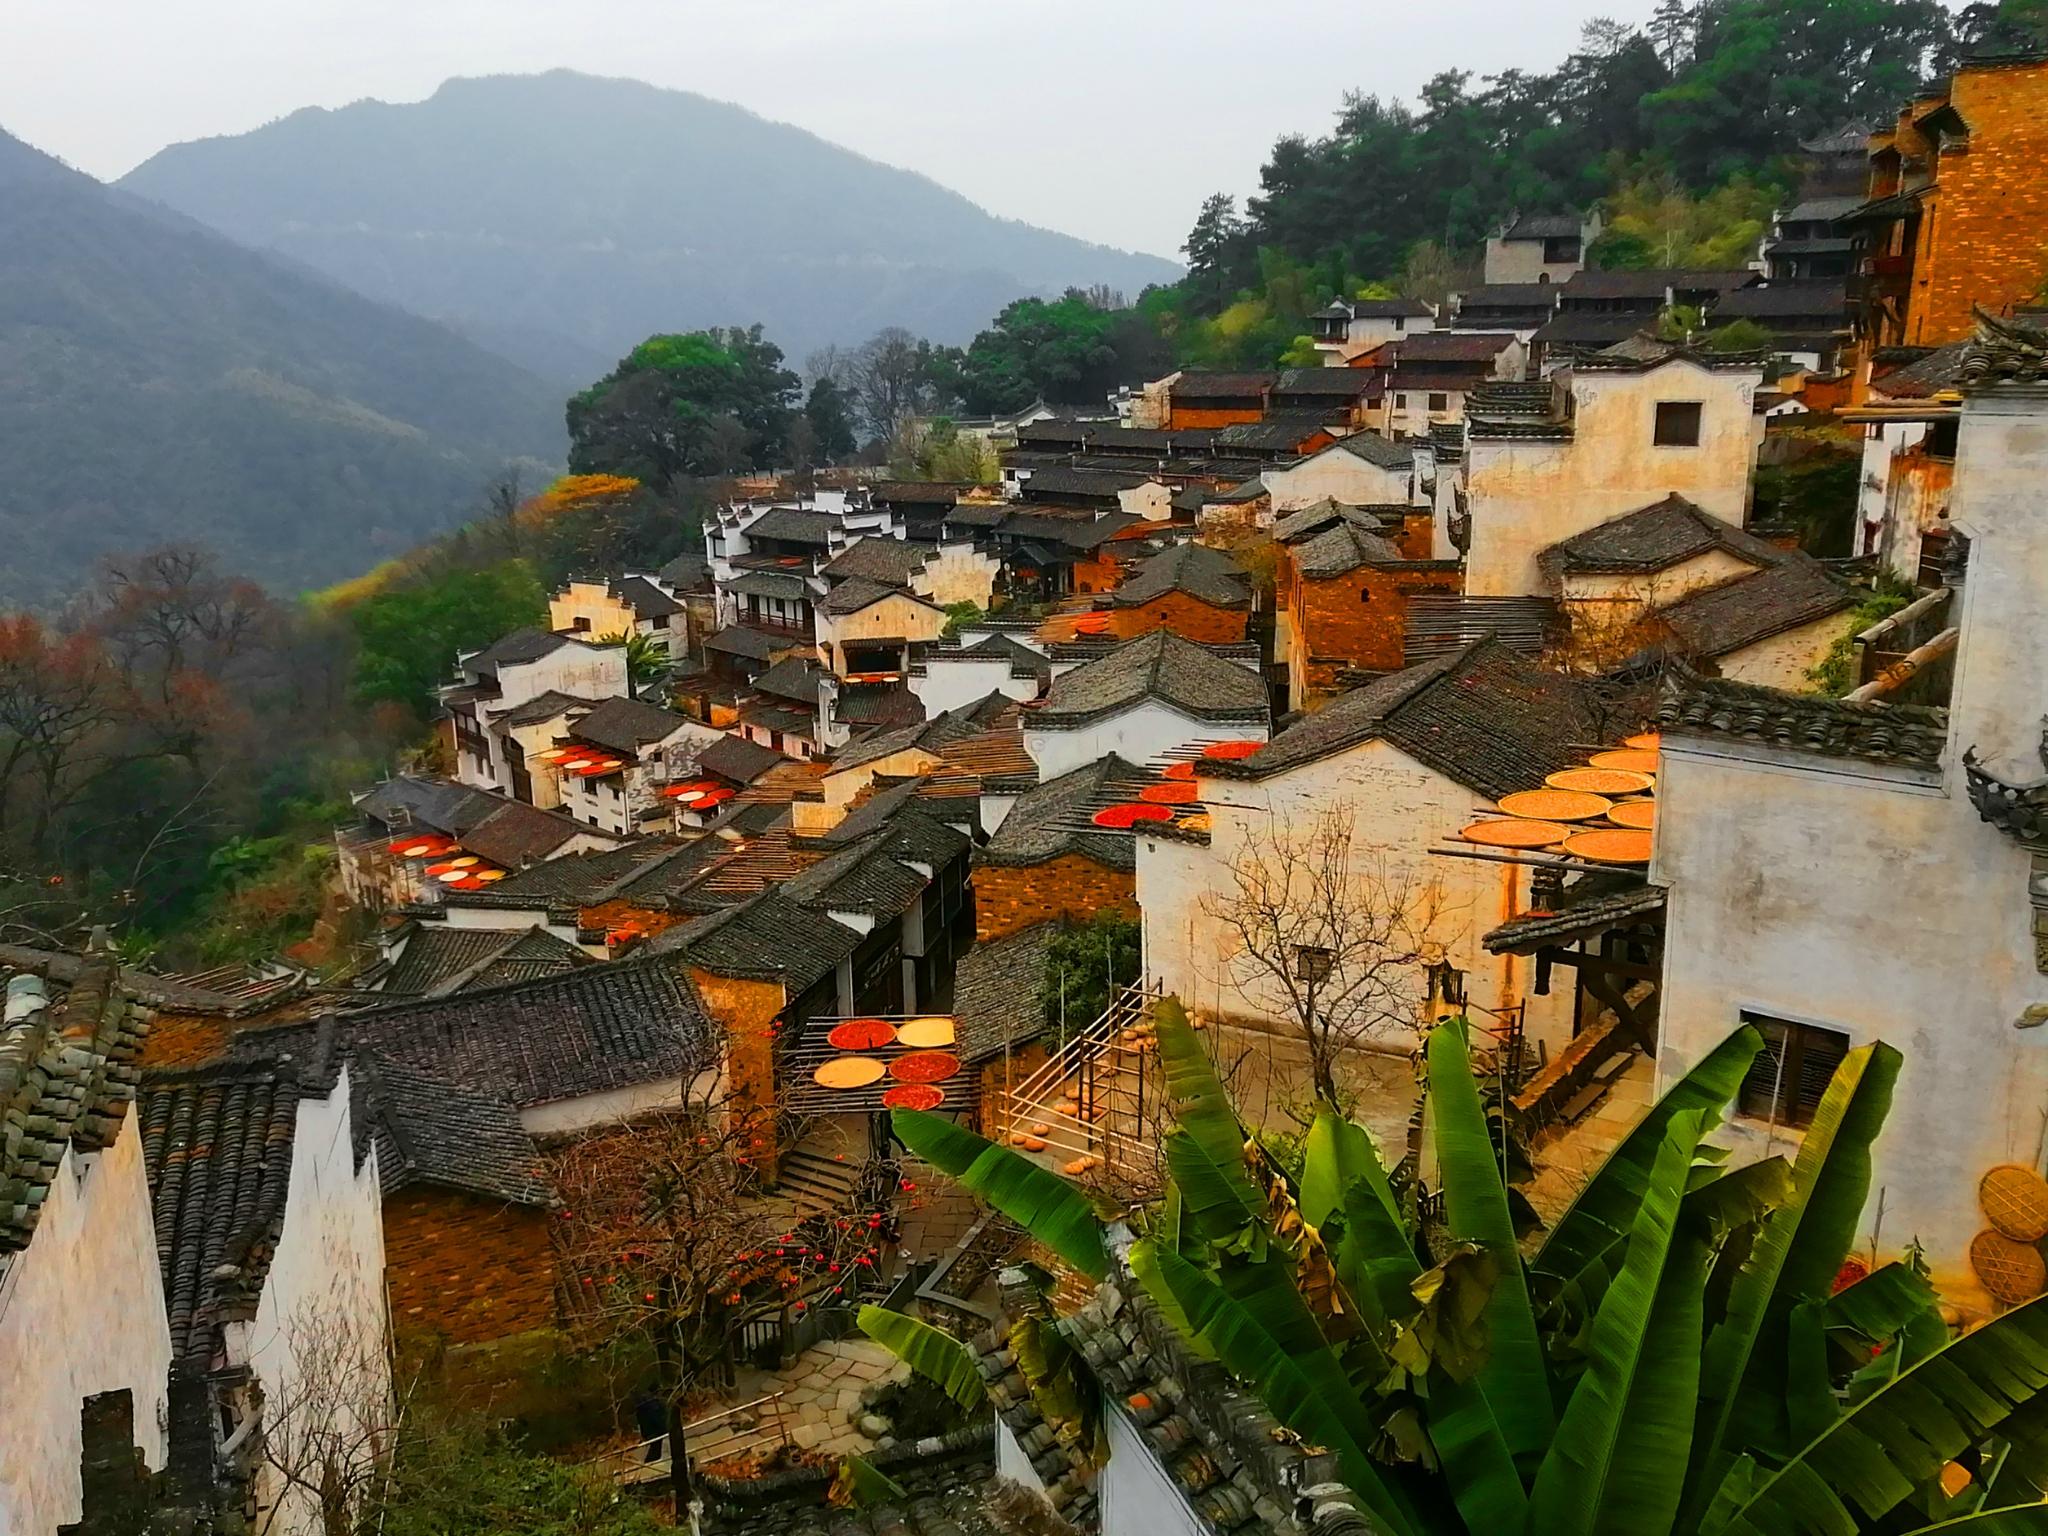 大连出发跨越安徽,江西,福建三省的7日跨年亲子游